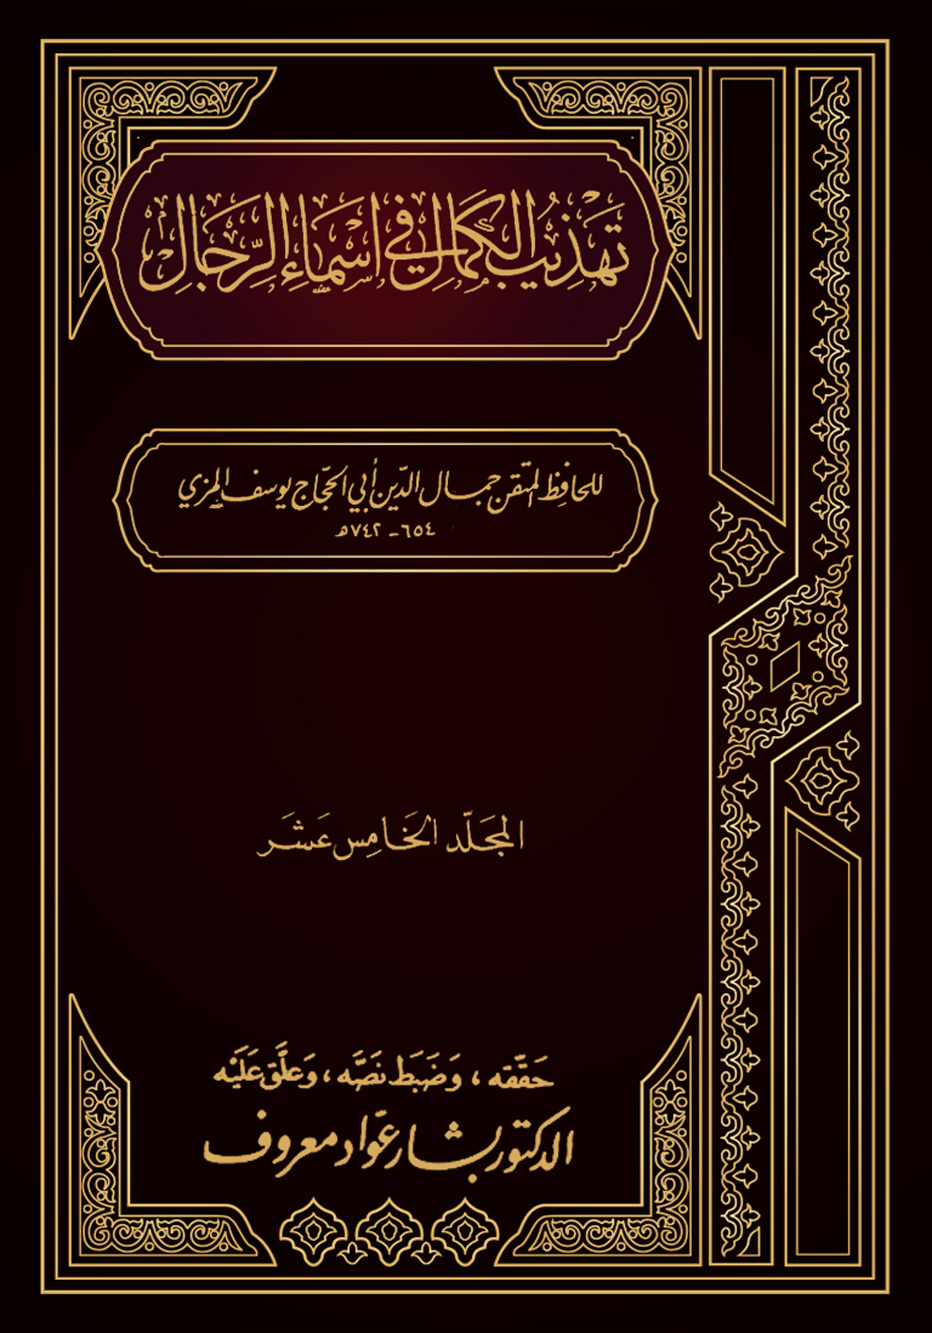 تهذيب الكمال في أسماء الرجال (المجلد الخامس عشر – عبد الله بن سبع – عبد الله بن مالك)